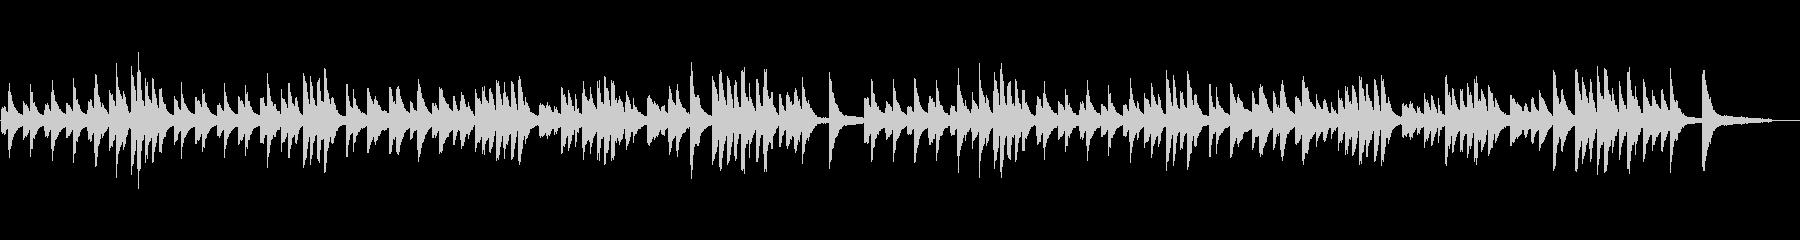 ジムノペディ(落ち着いたクラシック曲)の未再生の波形